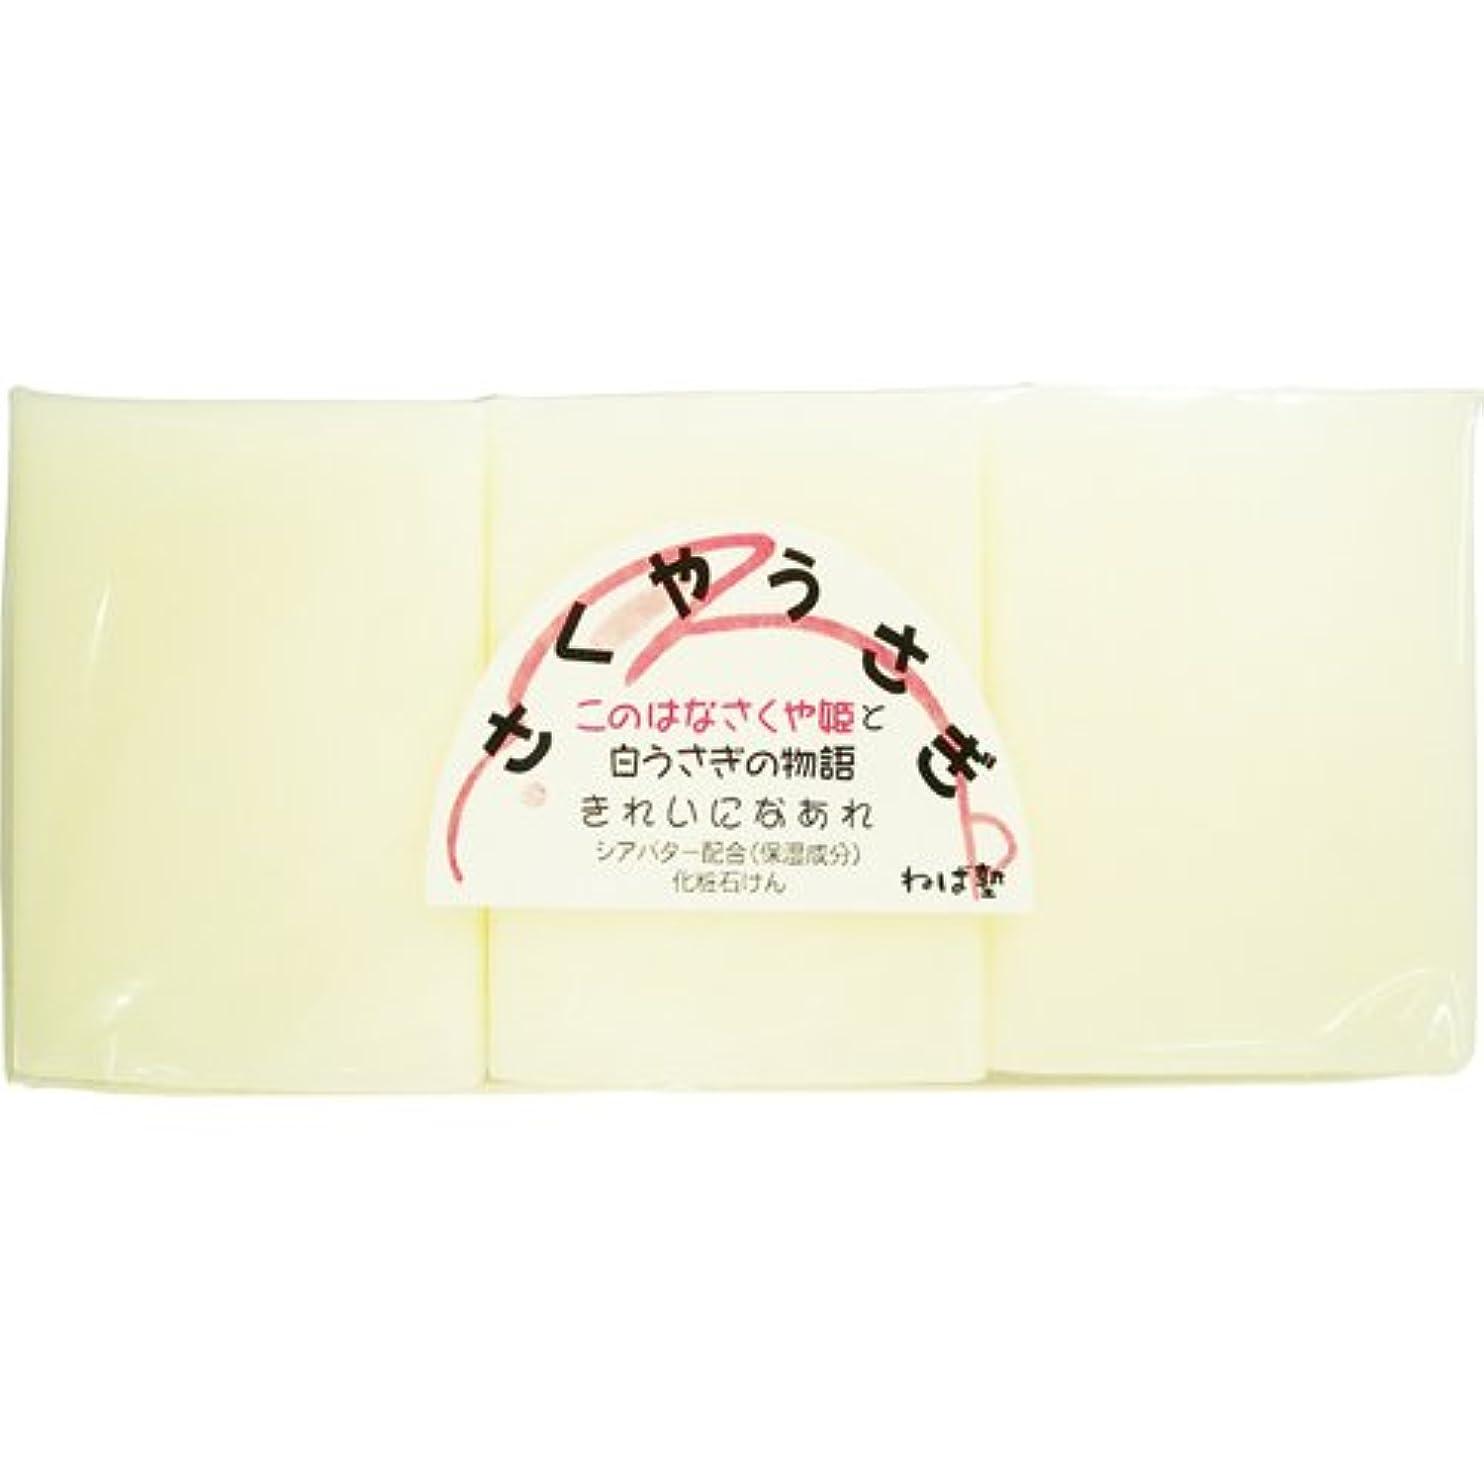 ねば塾 さくやうさぎ (117g×3個入)